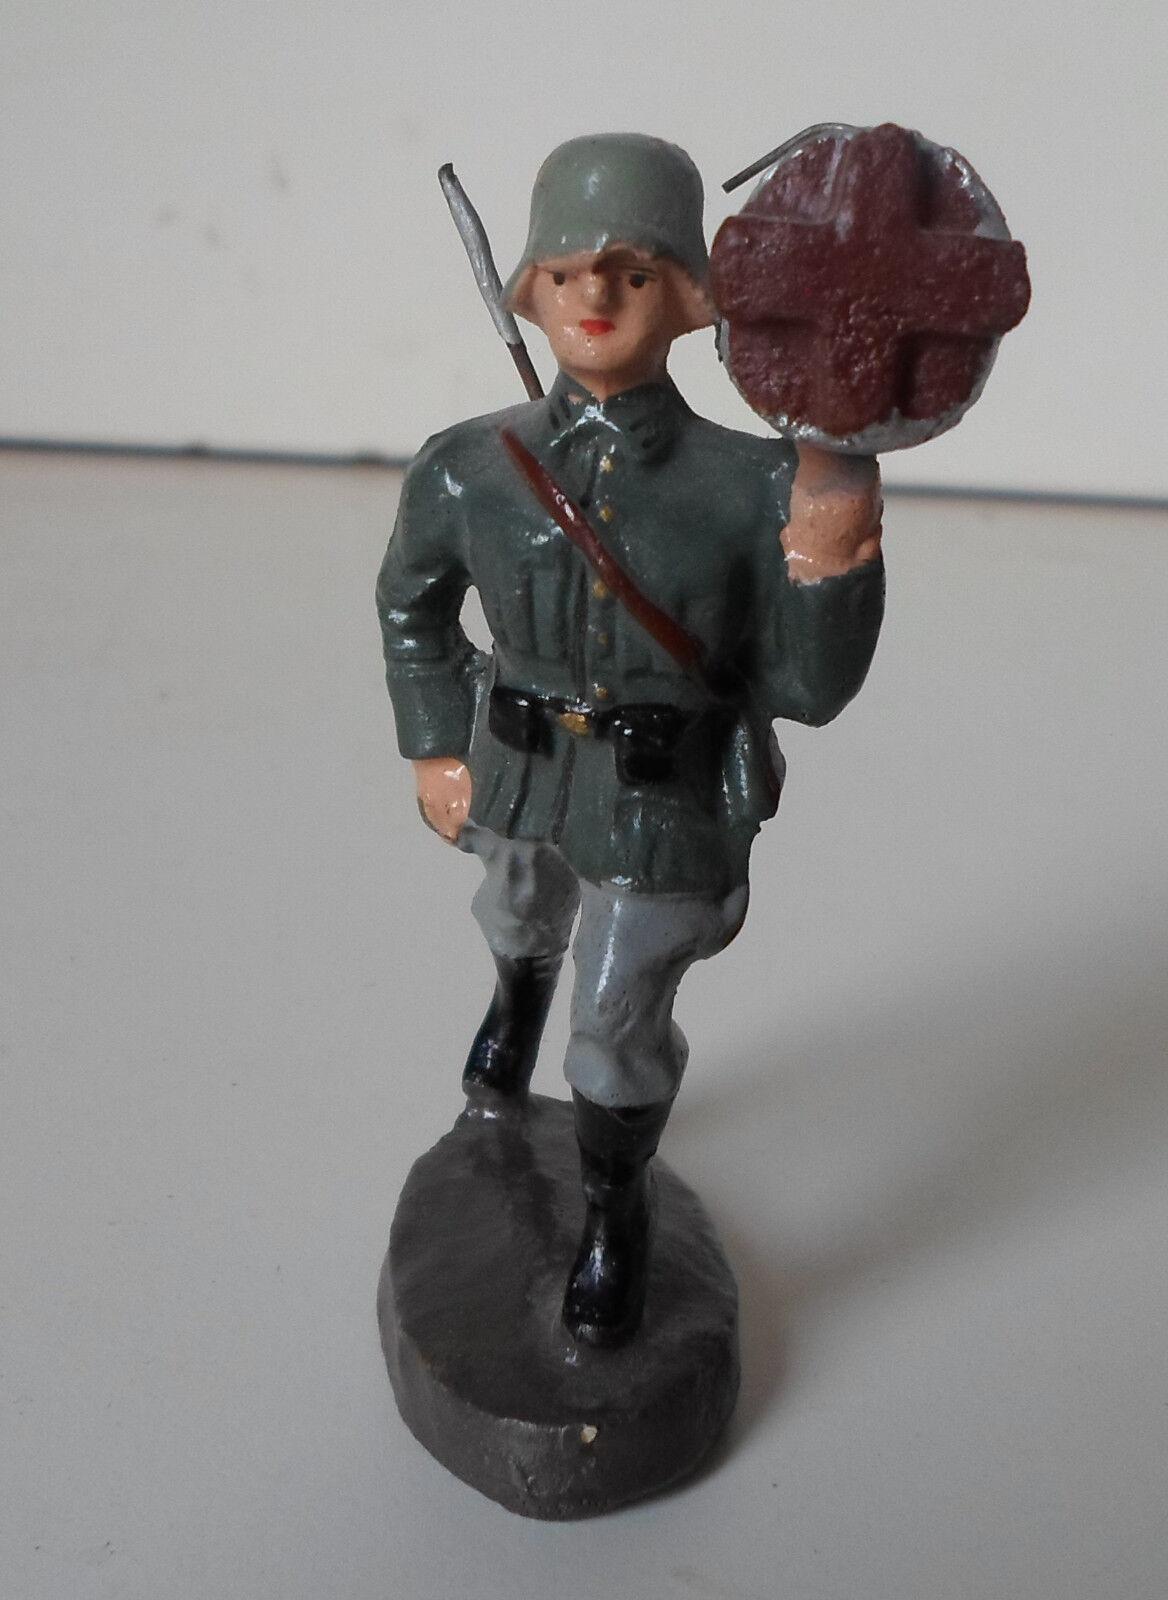 Seltenen alten elastolin lineol wehrmacht soldat mit kabelrollen   trommel